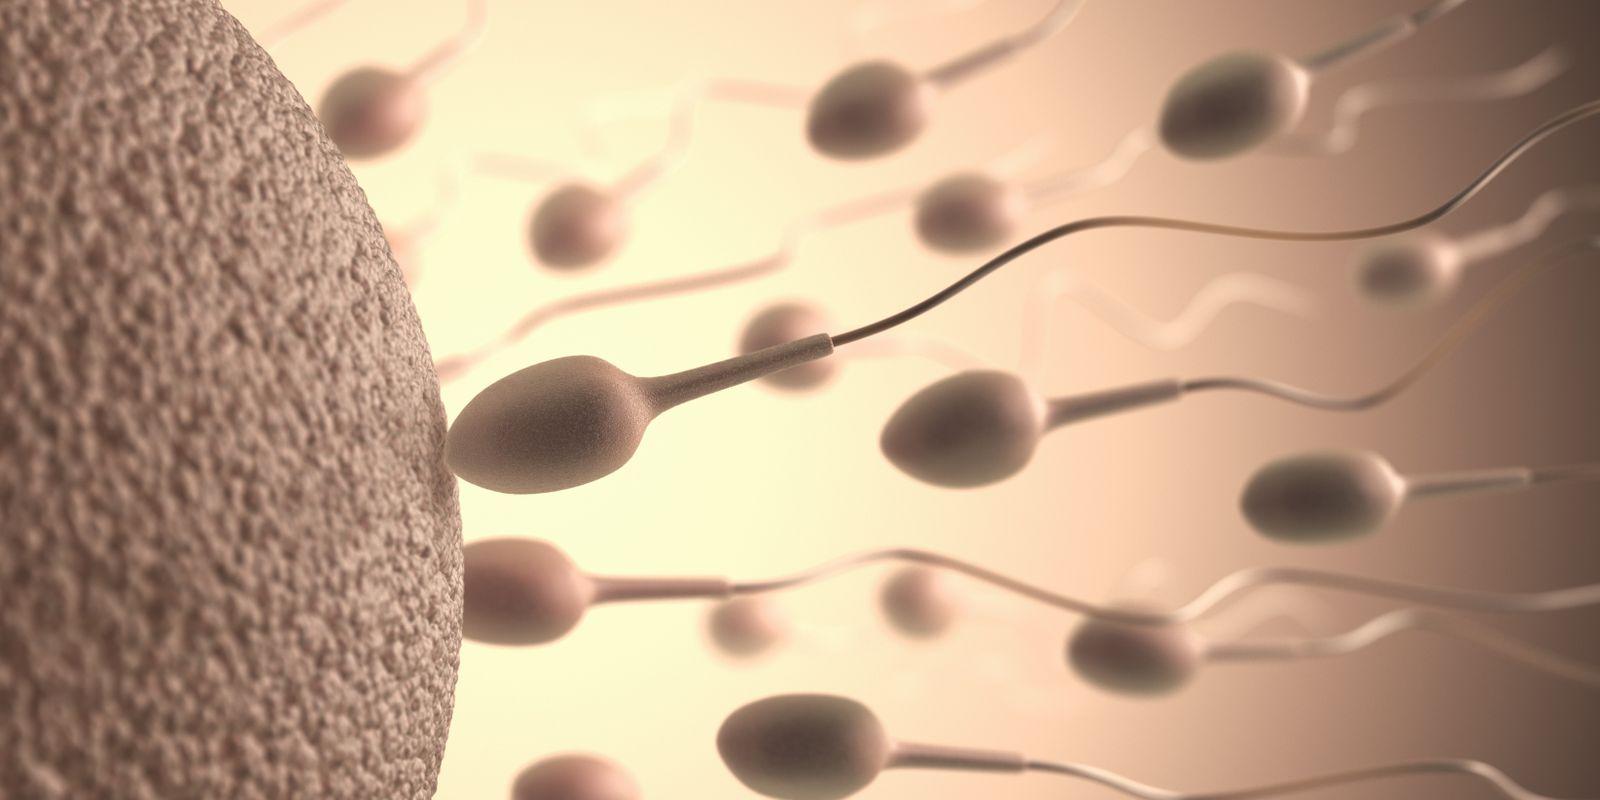 Weiblichen Körper von Spermien auf den Auswirkungen Wie beeinflusst